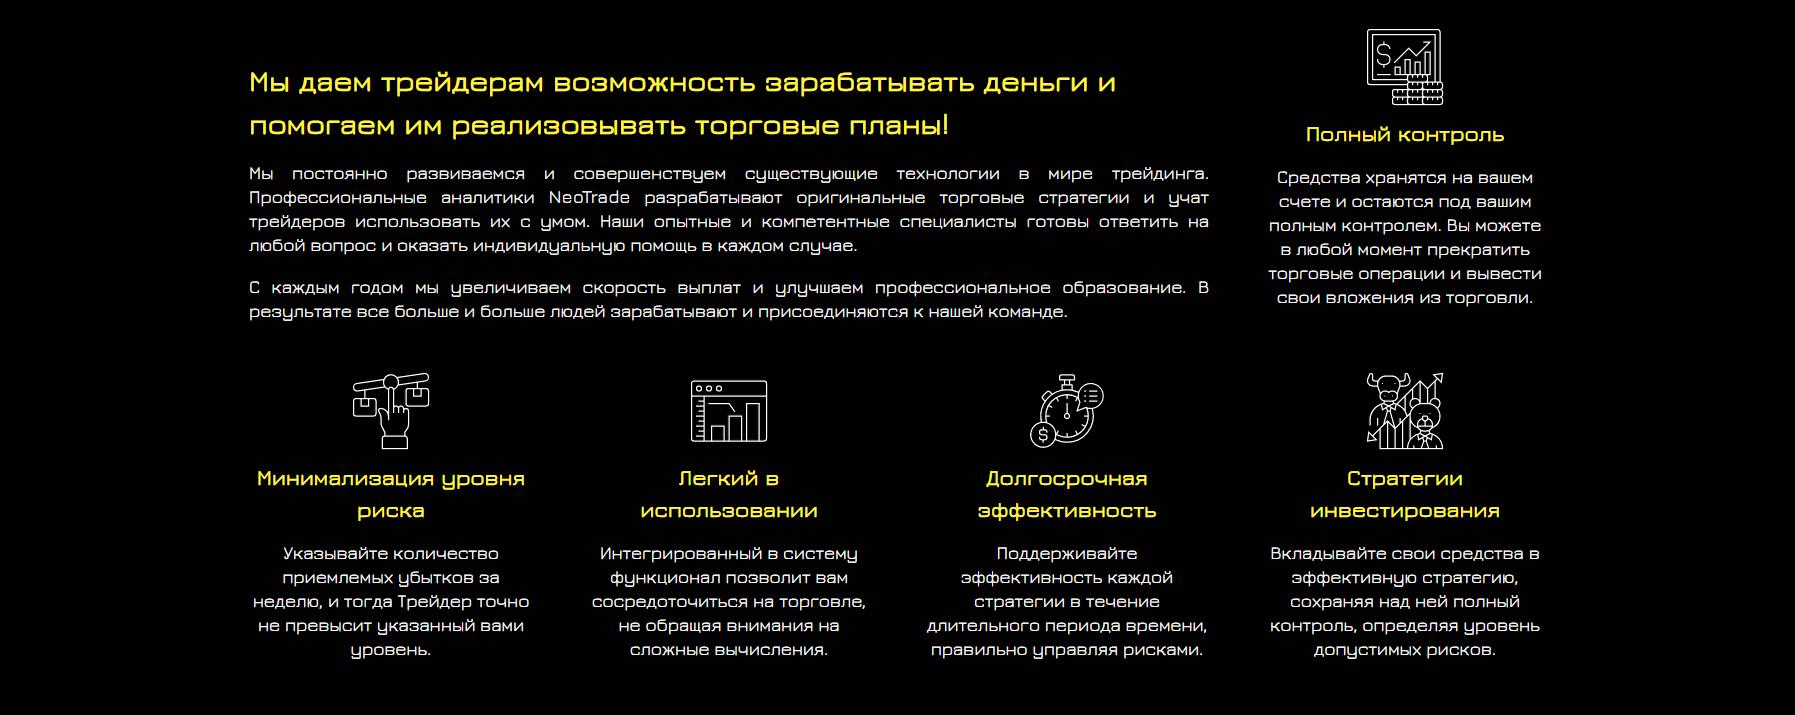 Официальный сайт NeoTrade